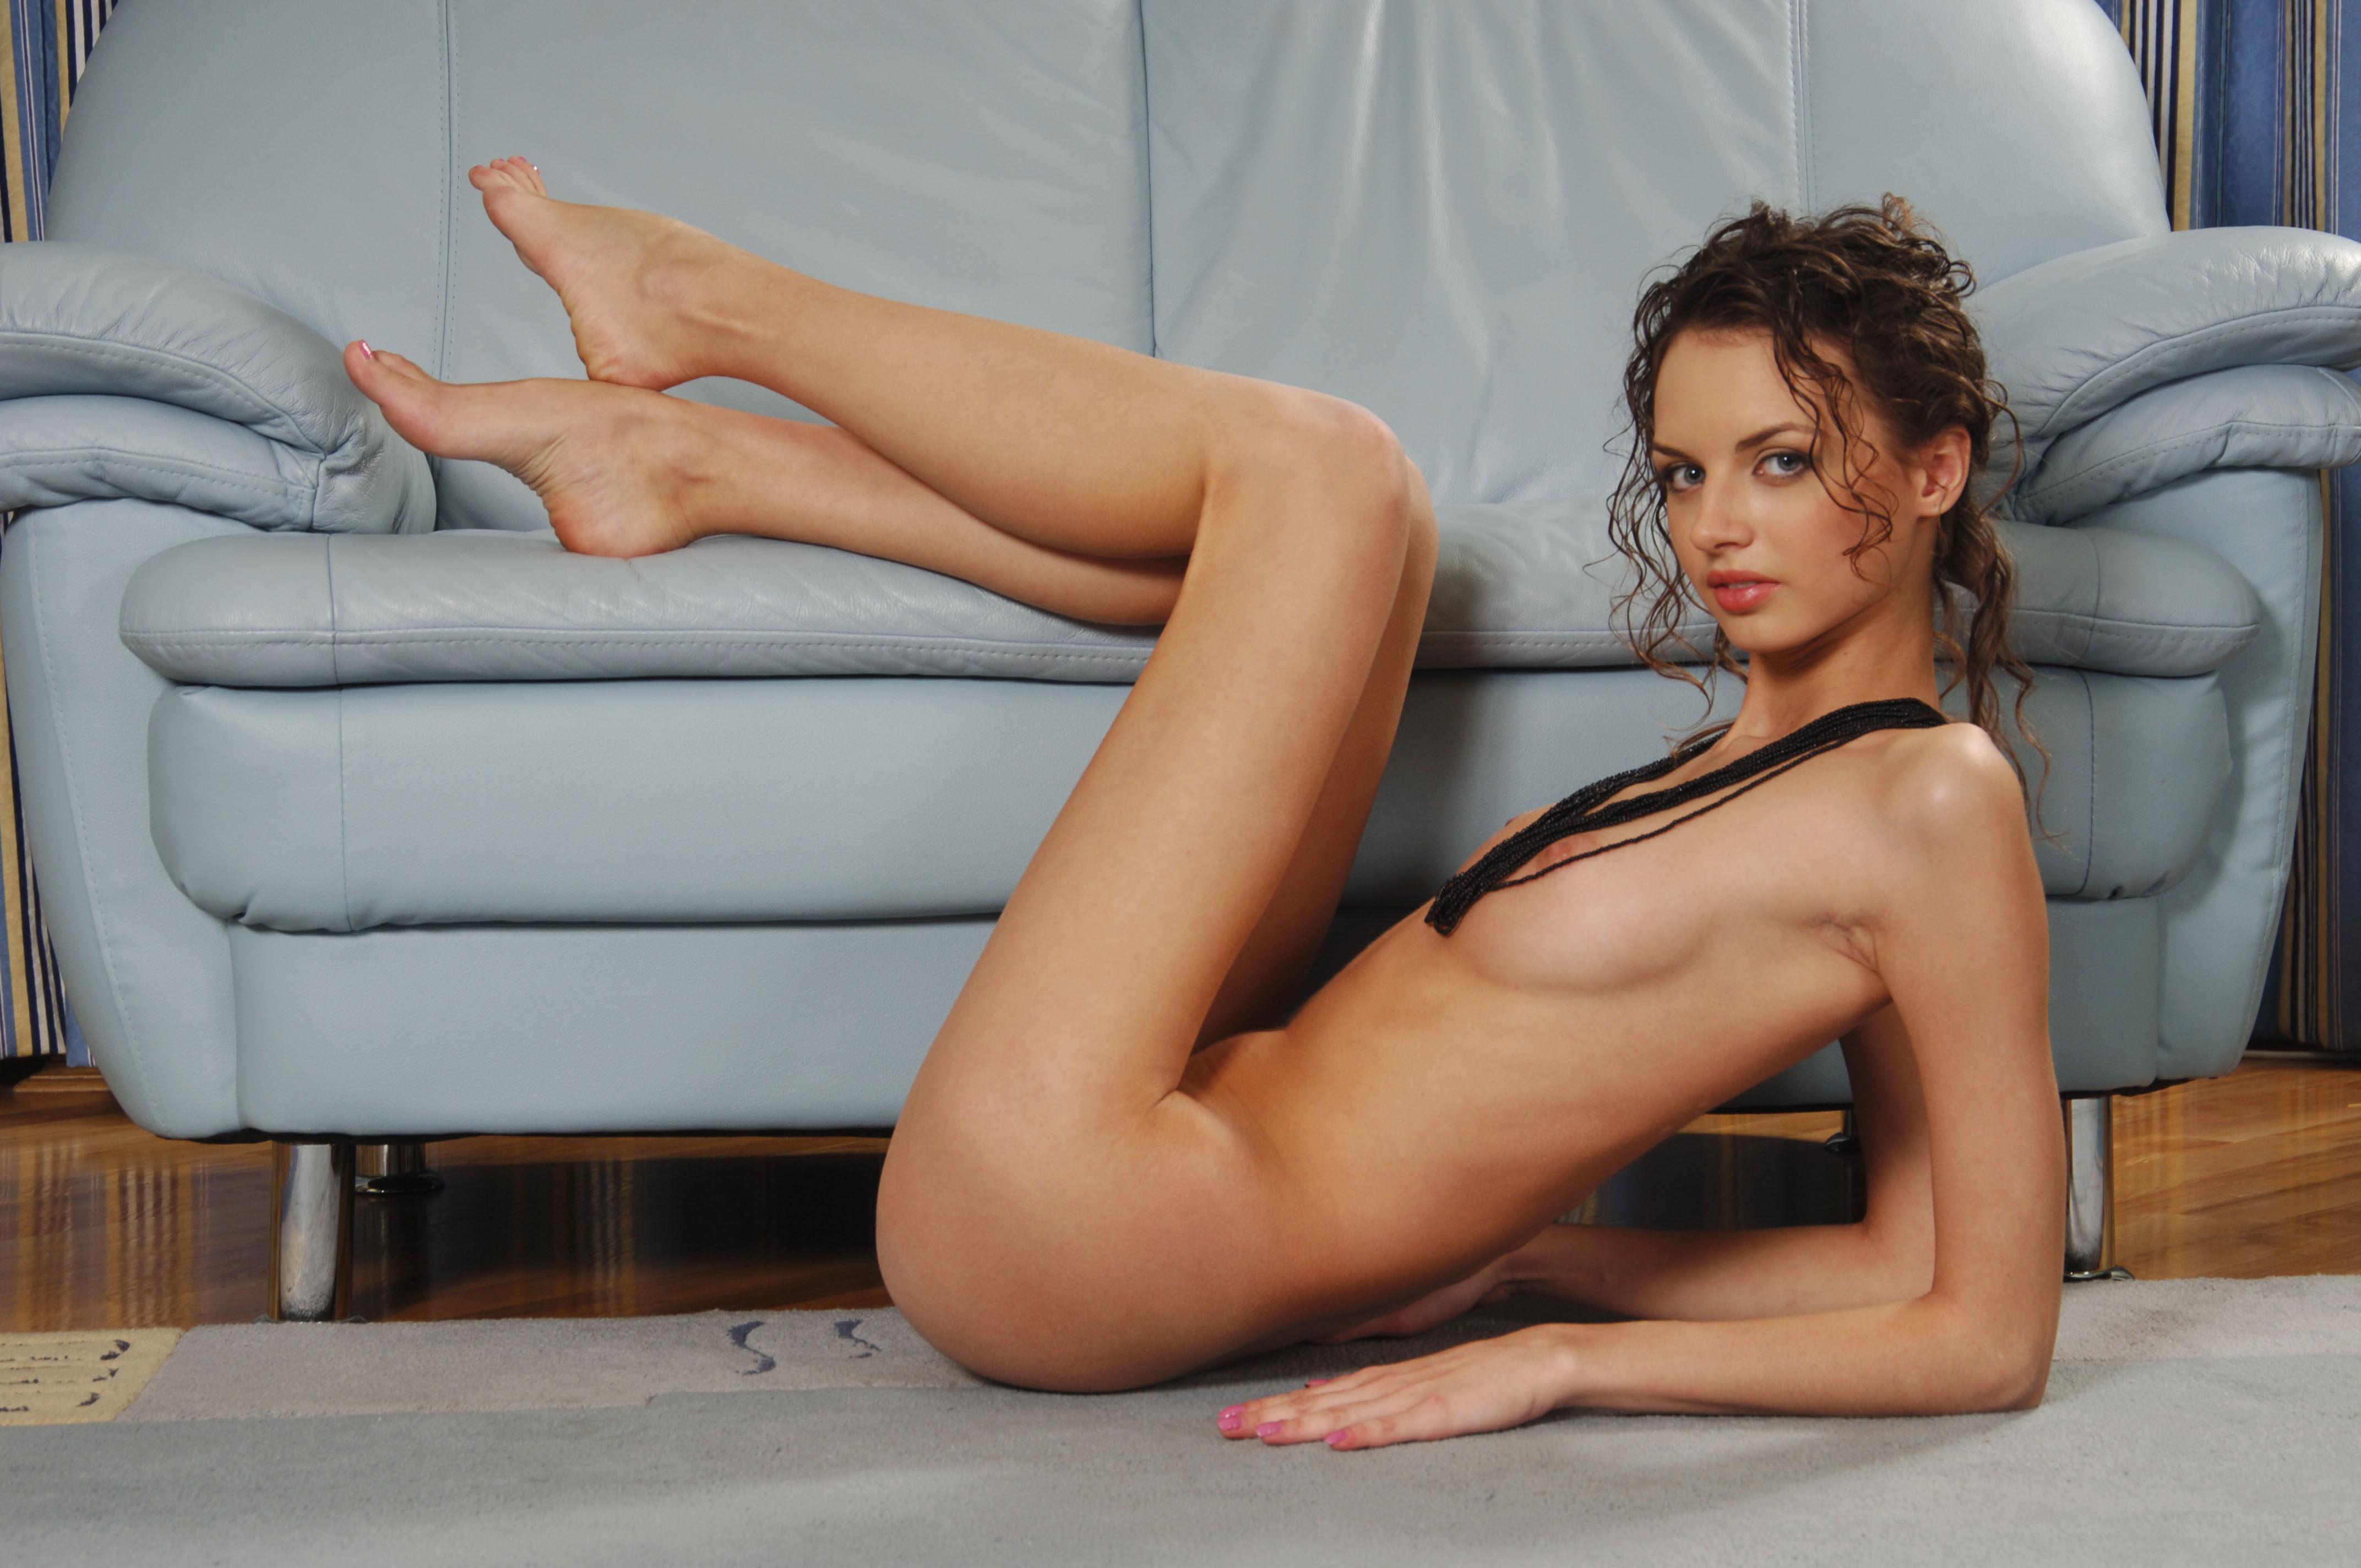 busty-brunette-natasha-d-from-met-art-6.jpg